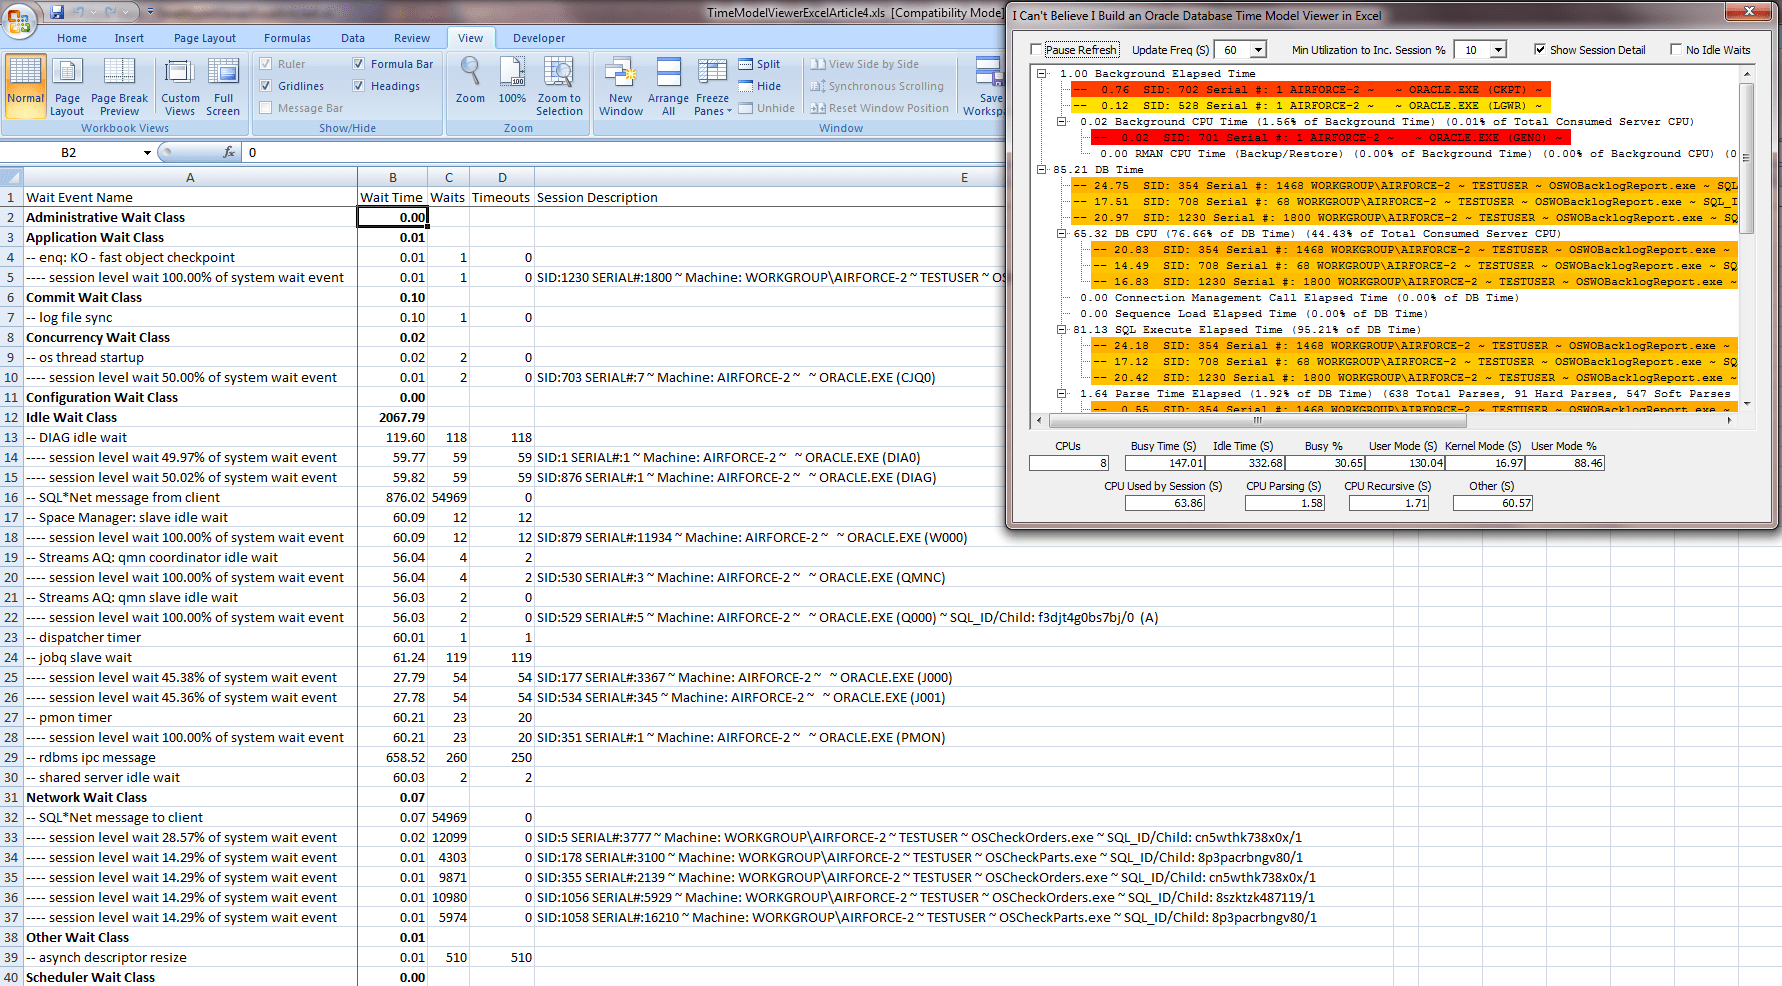 Excel Worksheet Code Window